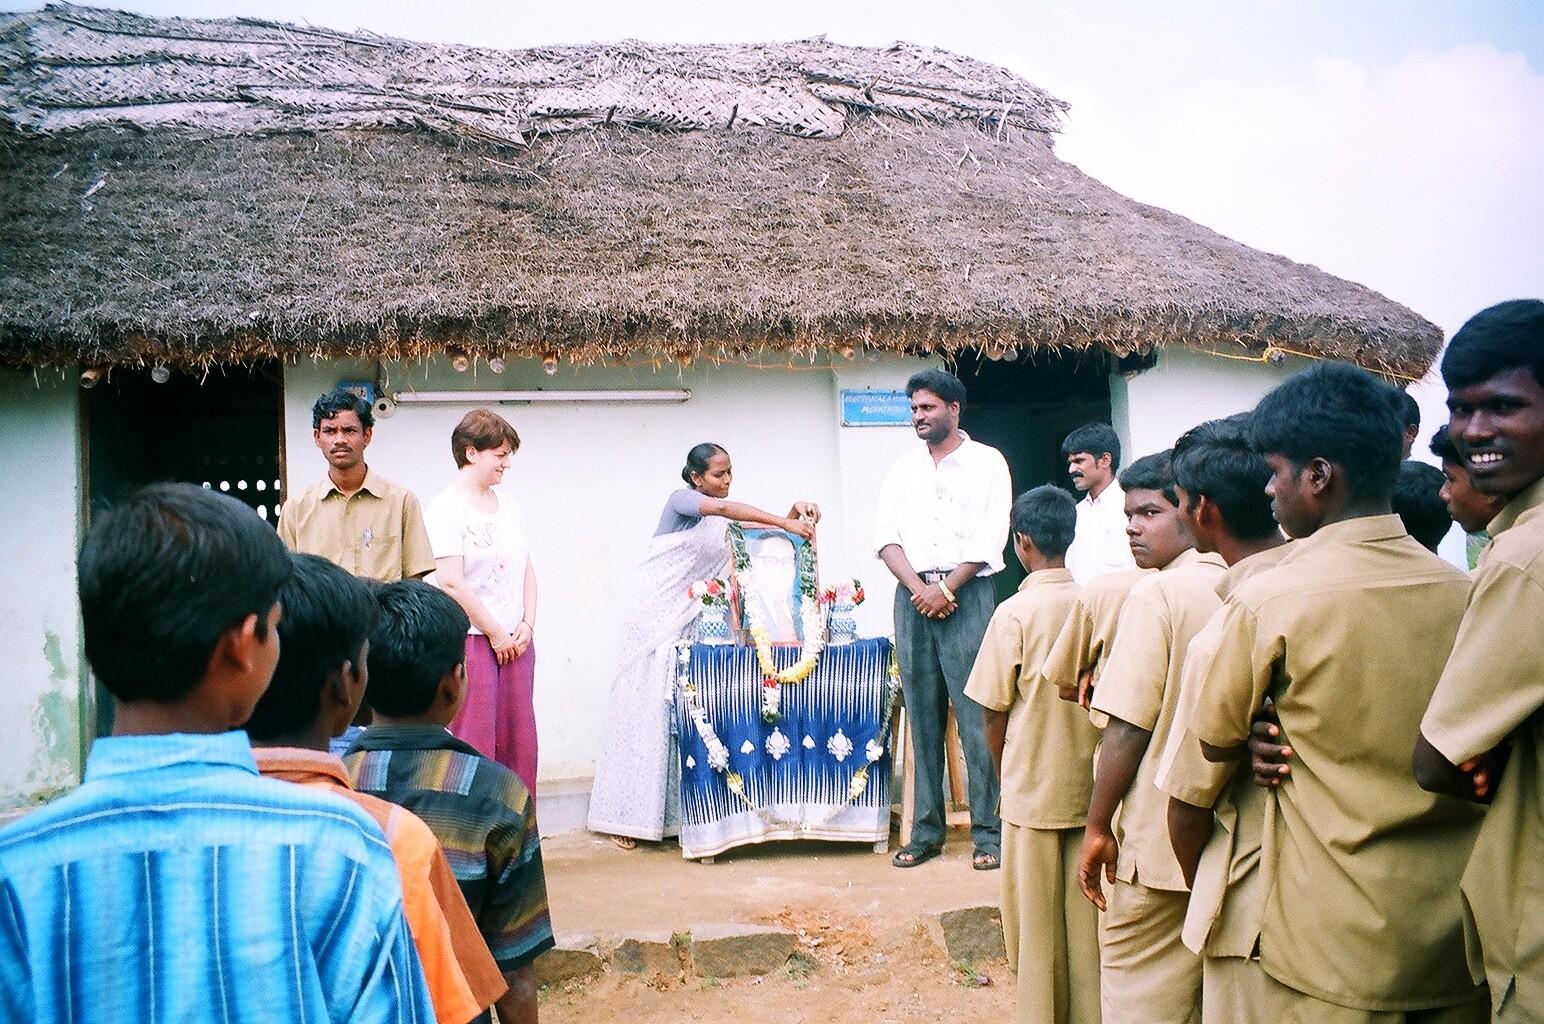 Hommage au Dr Ambedkar au centre Suvasam - 6 décembre 2005